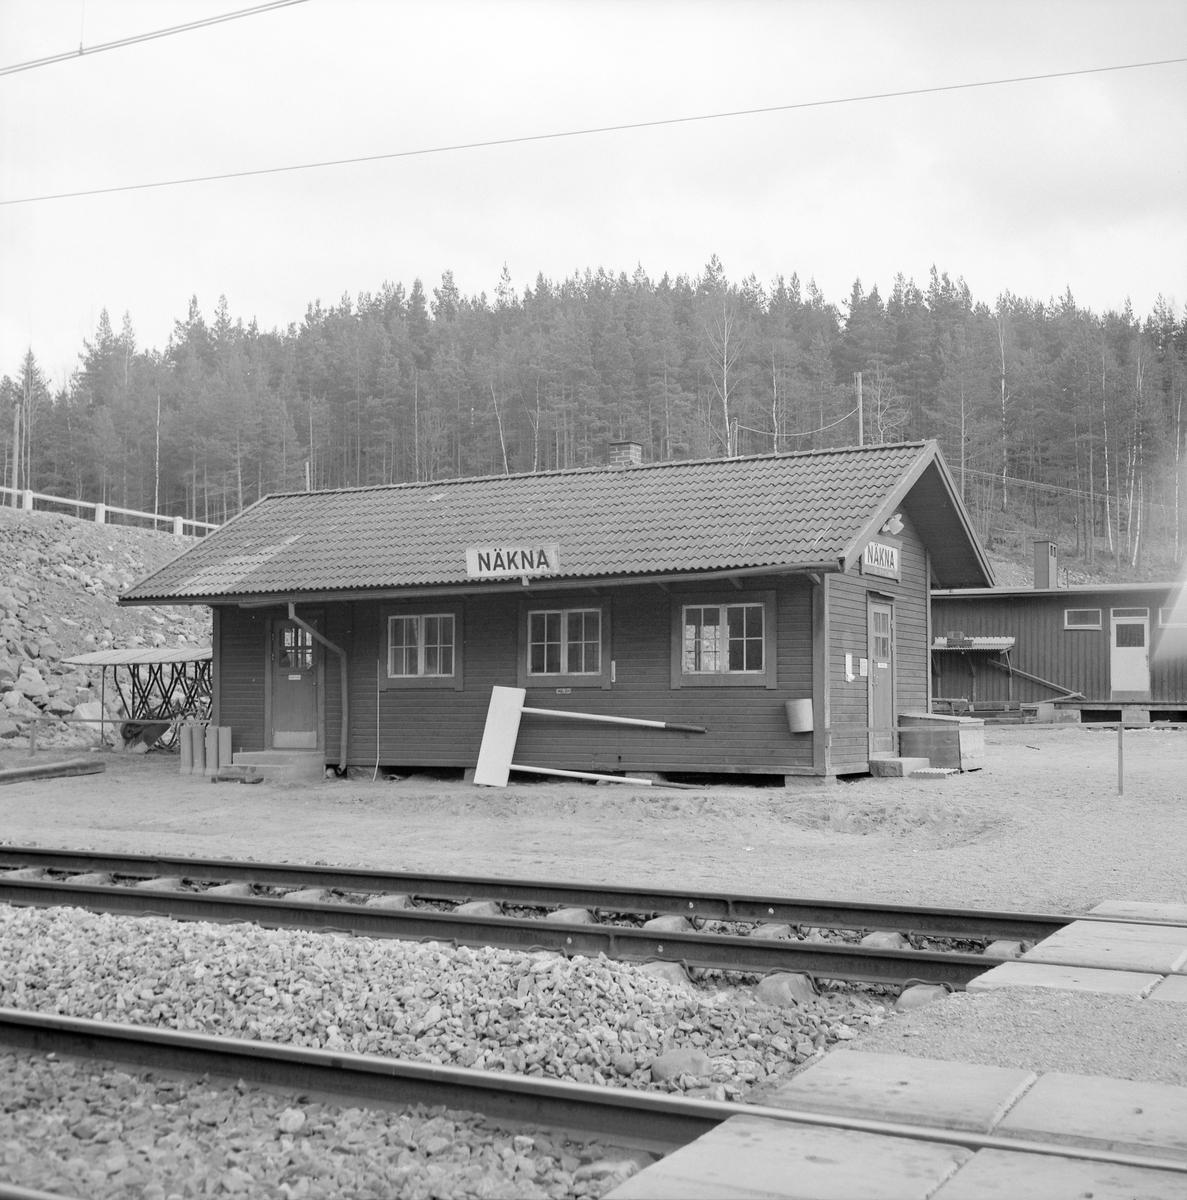 Näkna hållplats, Katerineholm-Åby.